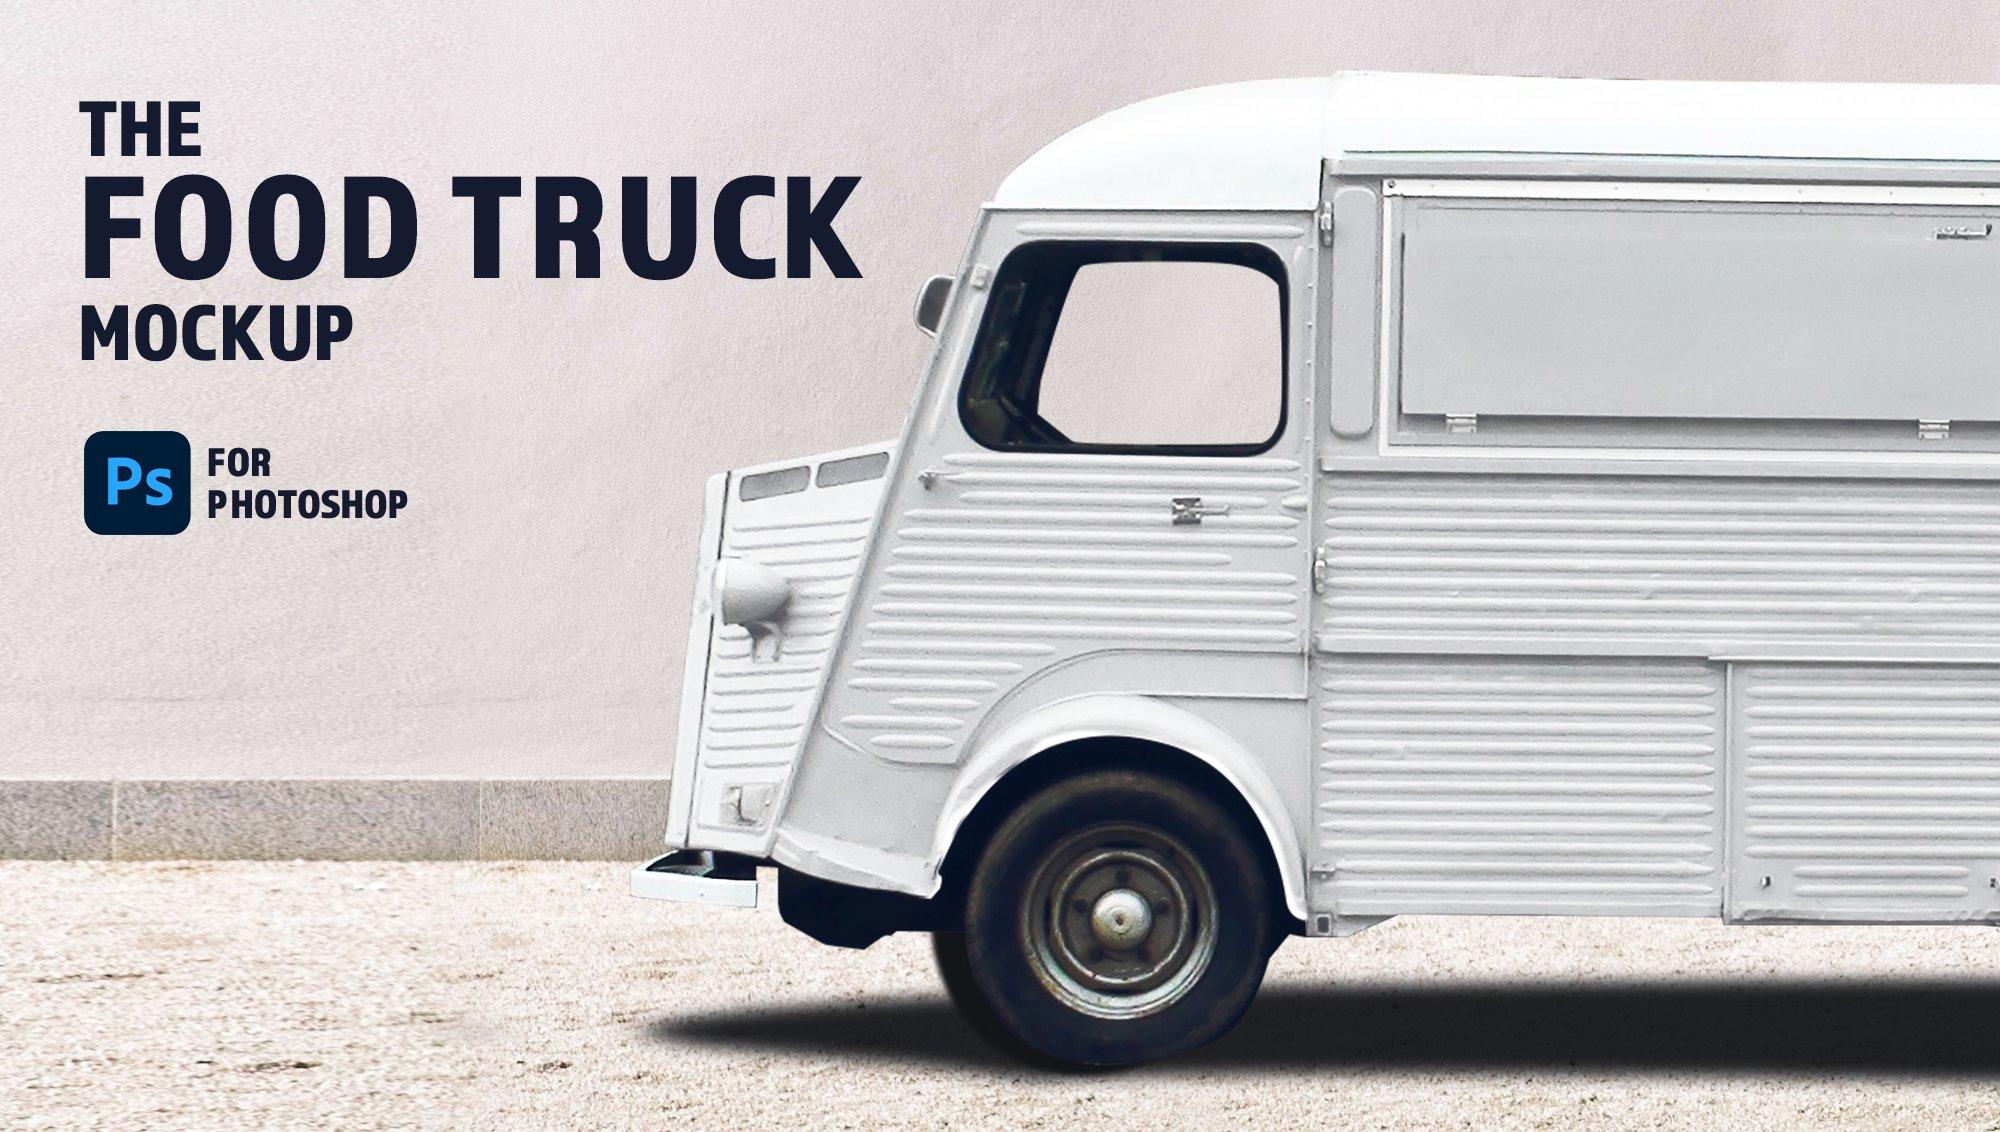 食品快餐车车身广告设计展示样机素材 Food Truck Branding Mockup插图